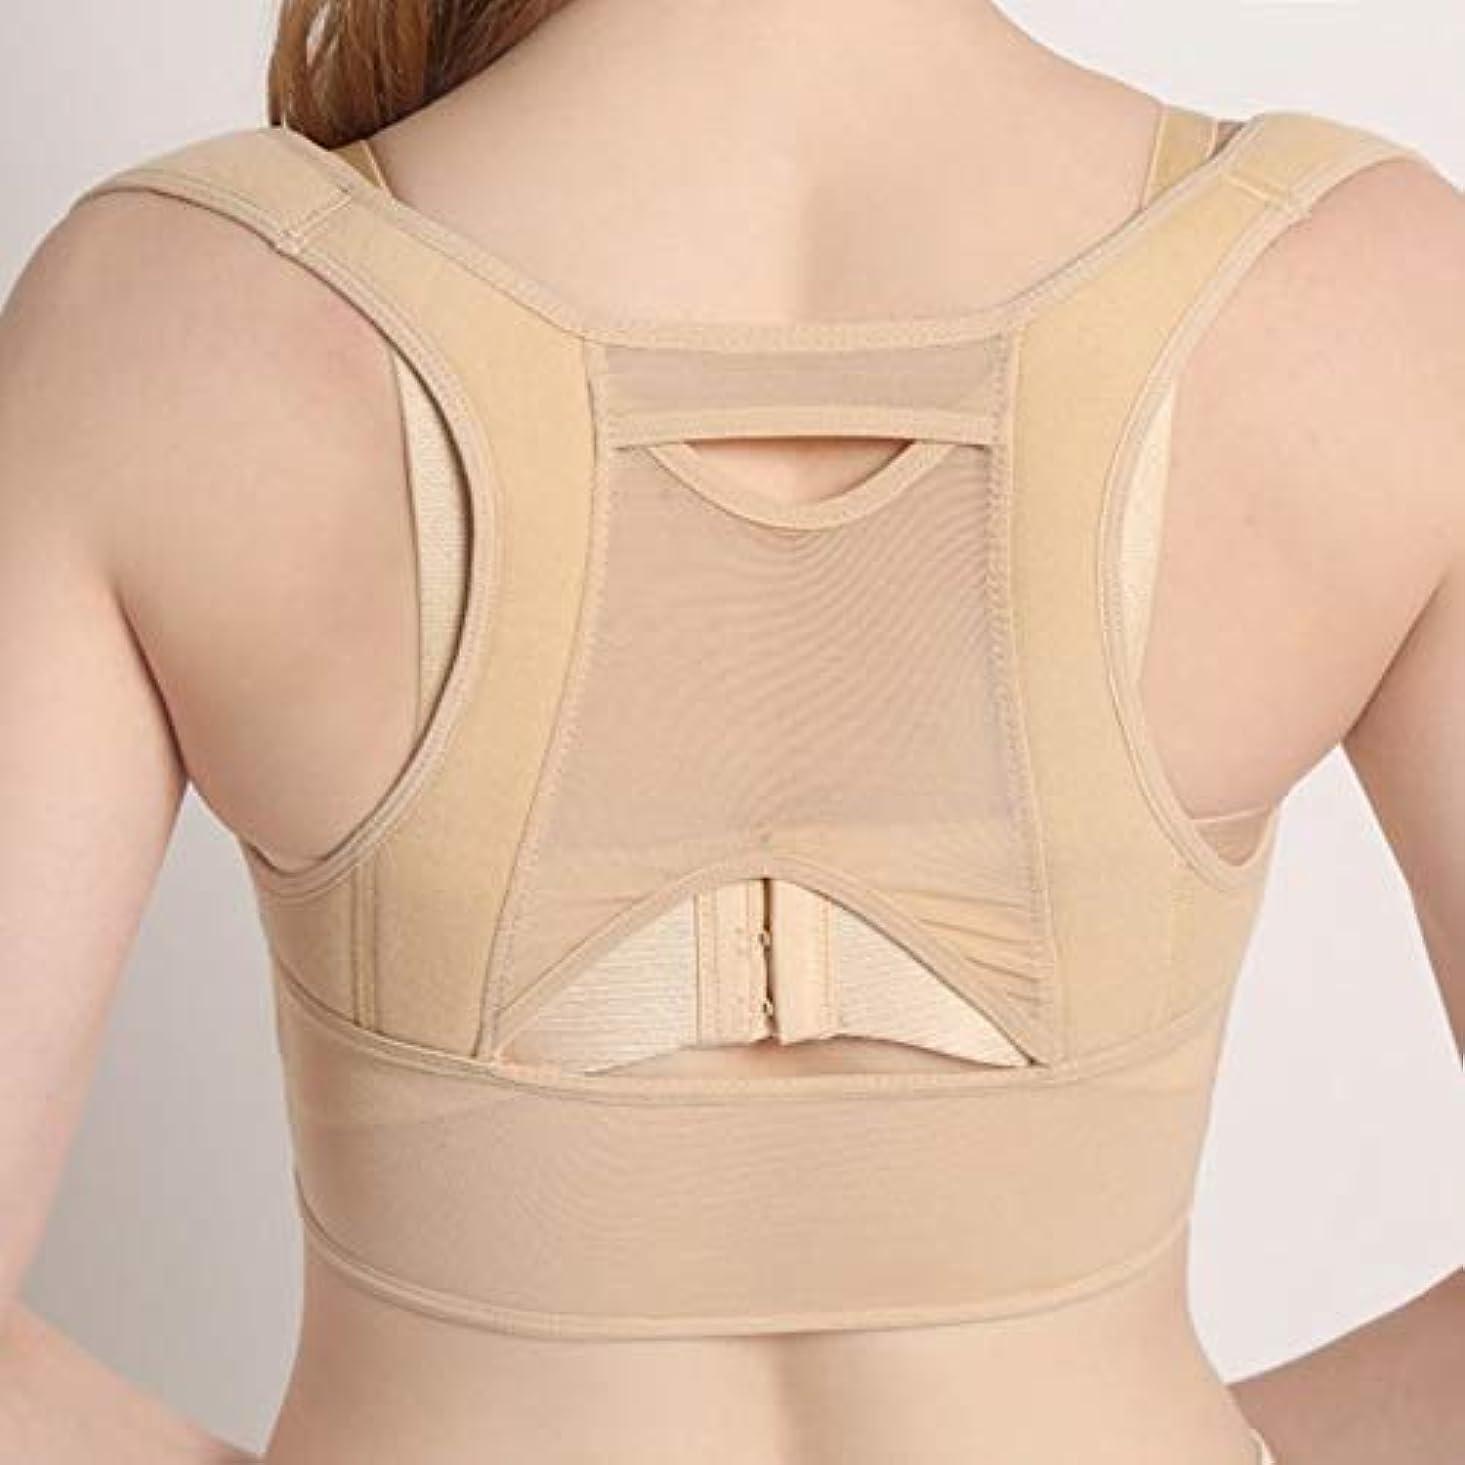 累積配当傑出した女性の背部姿勢補正コルセット整形外科の上部背部肩背骨姿勢補正器腰椎サポート-ベージュホワイトM